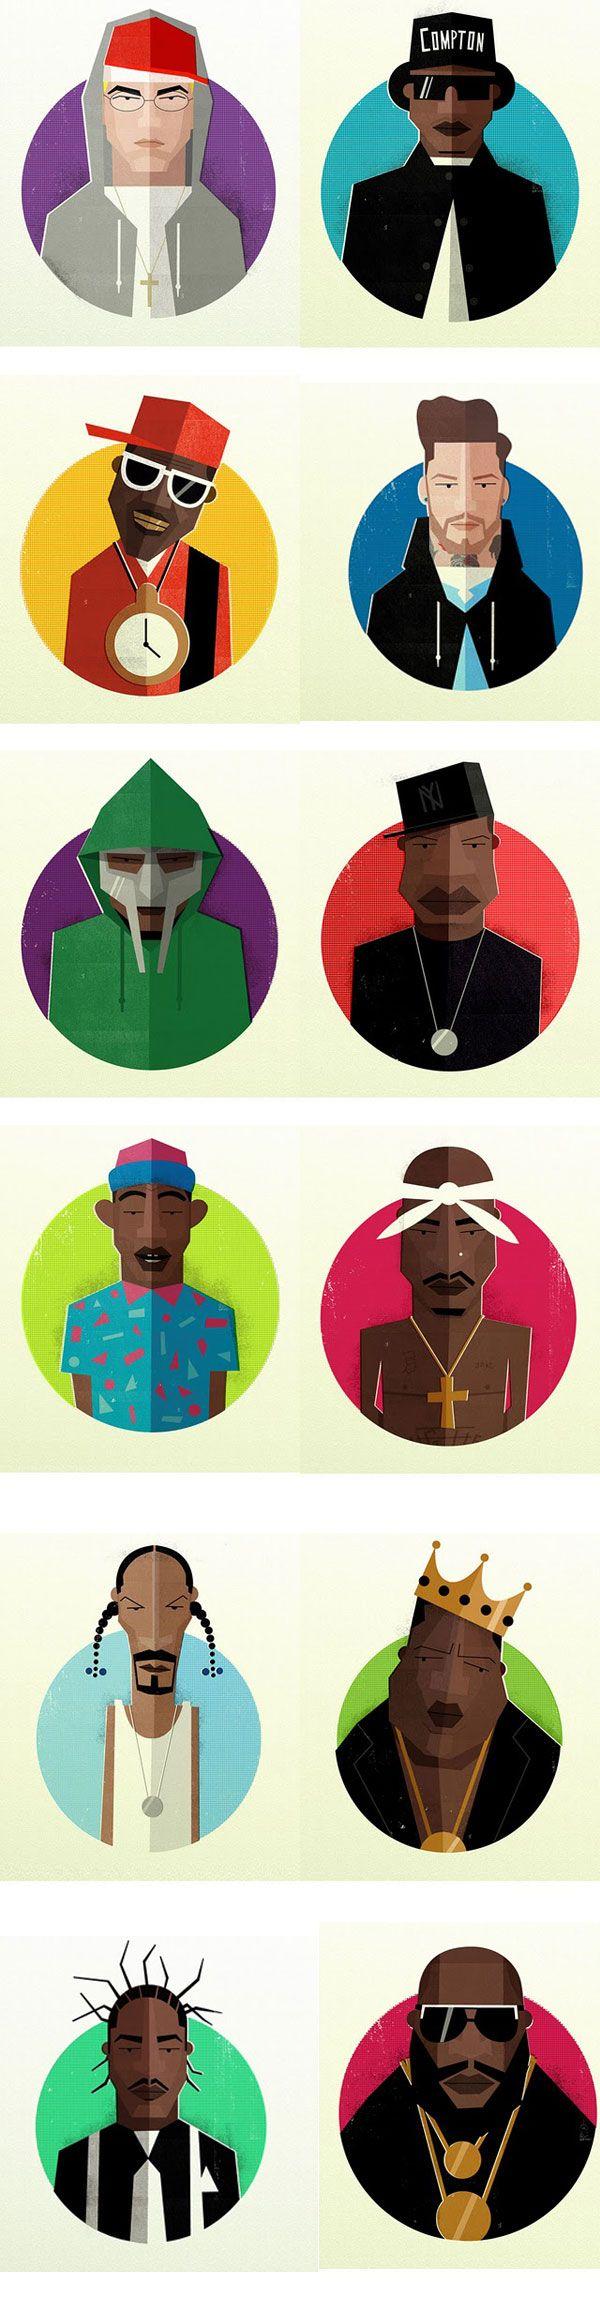 hip hop heads, portraits